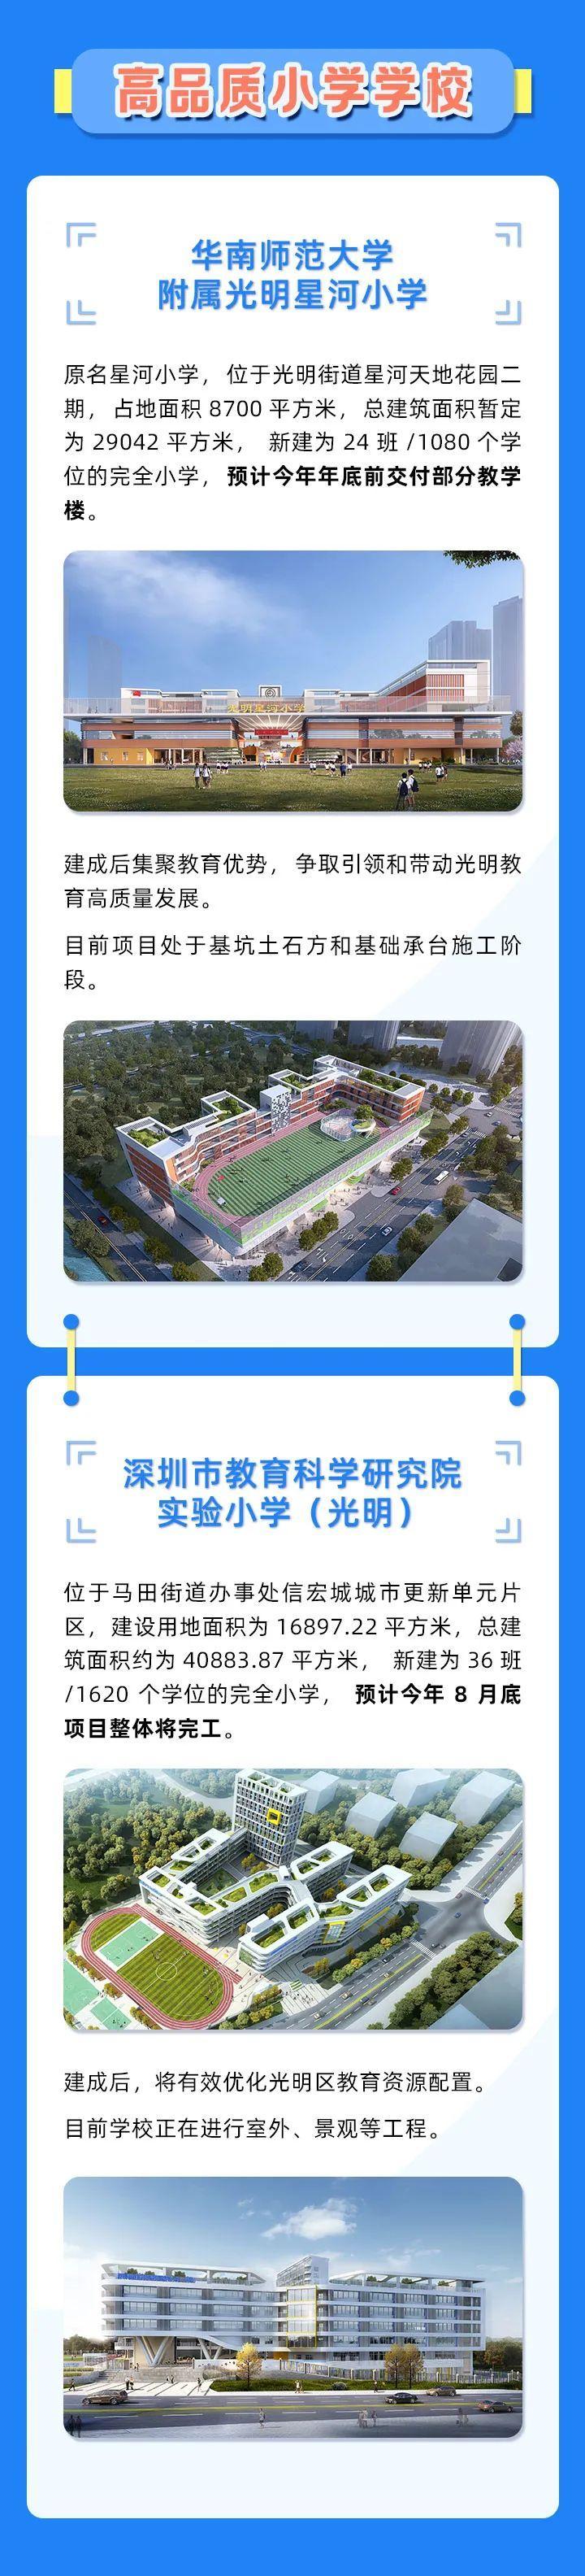 上新啦!一图带你了解光明区9所新学校→